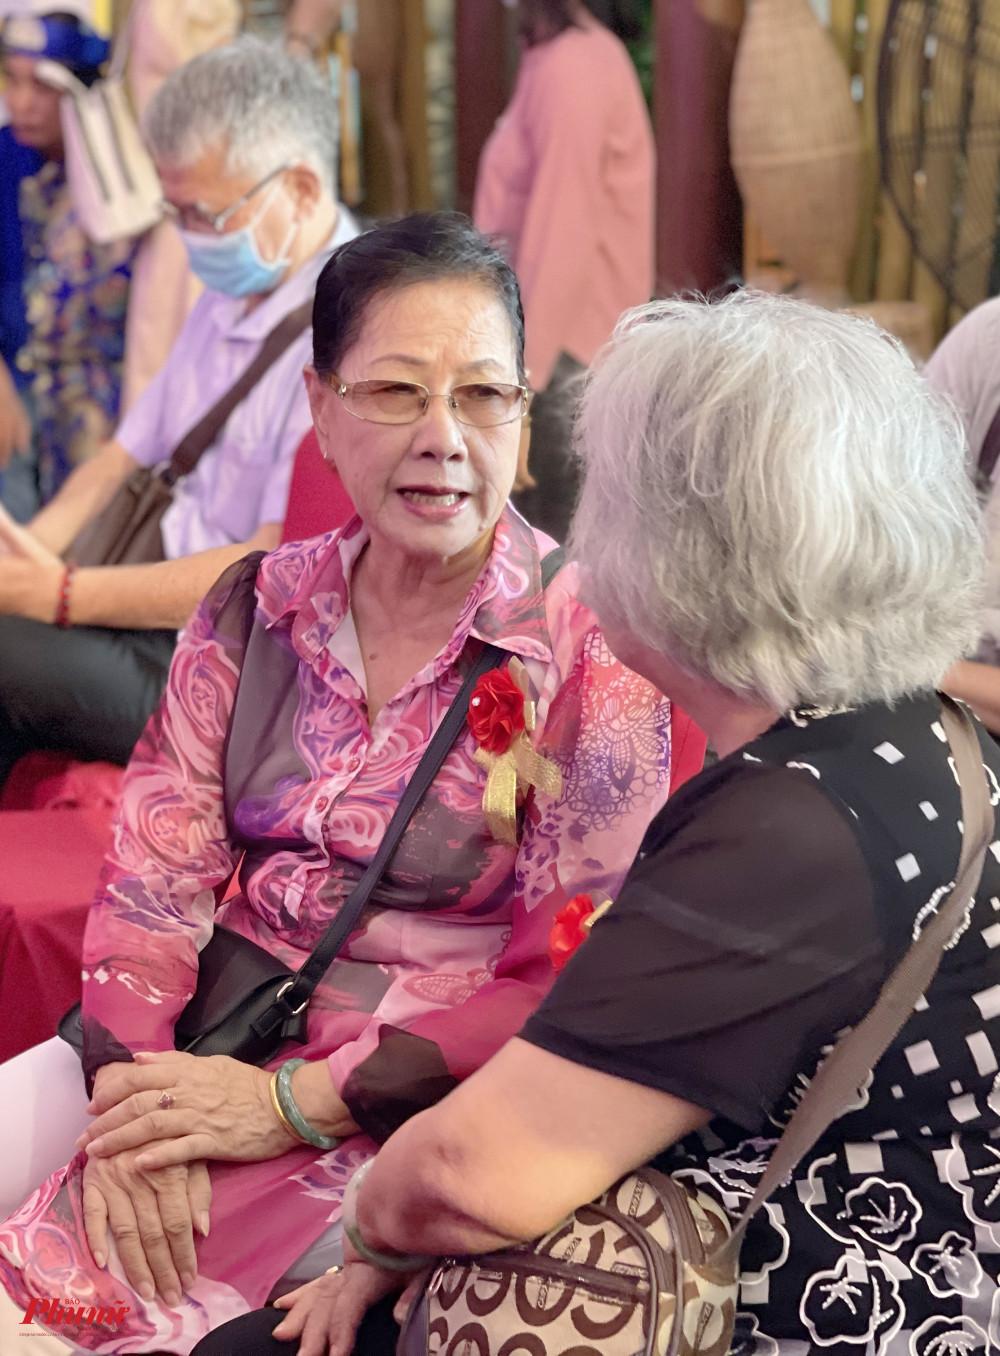 NSND Thanh Vy hội ngộ đồng nghiệp trong buổi khánh thành phòng truyền thống của nhà hát Trần Hữu Trang vào sáng 29/4